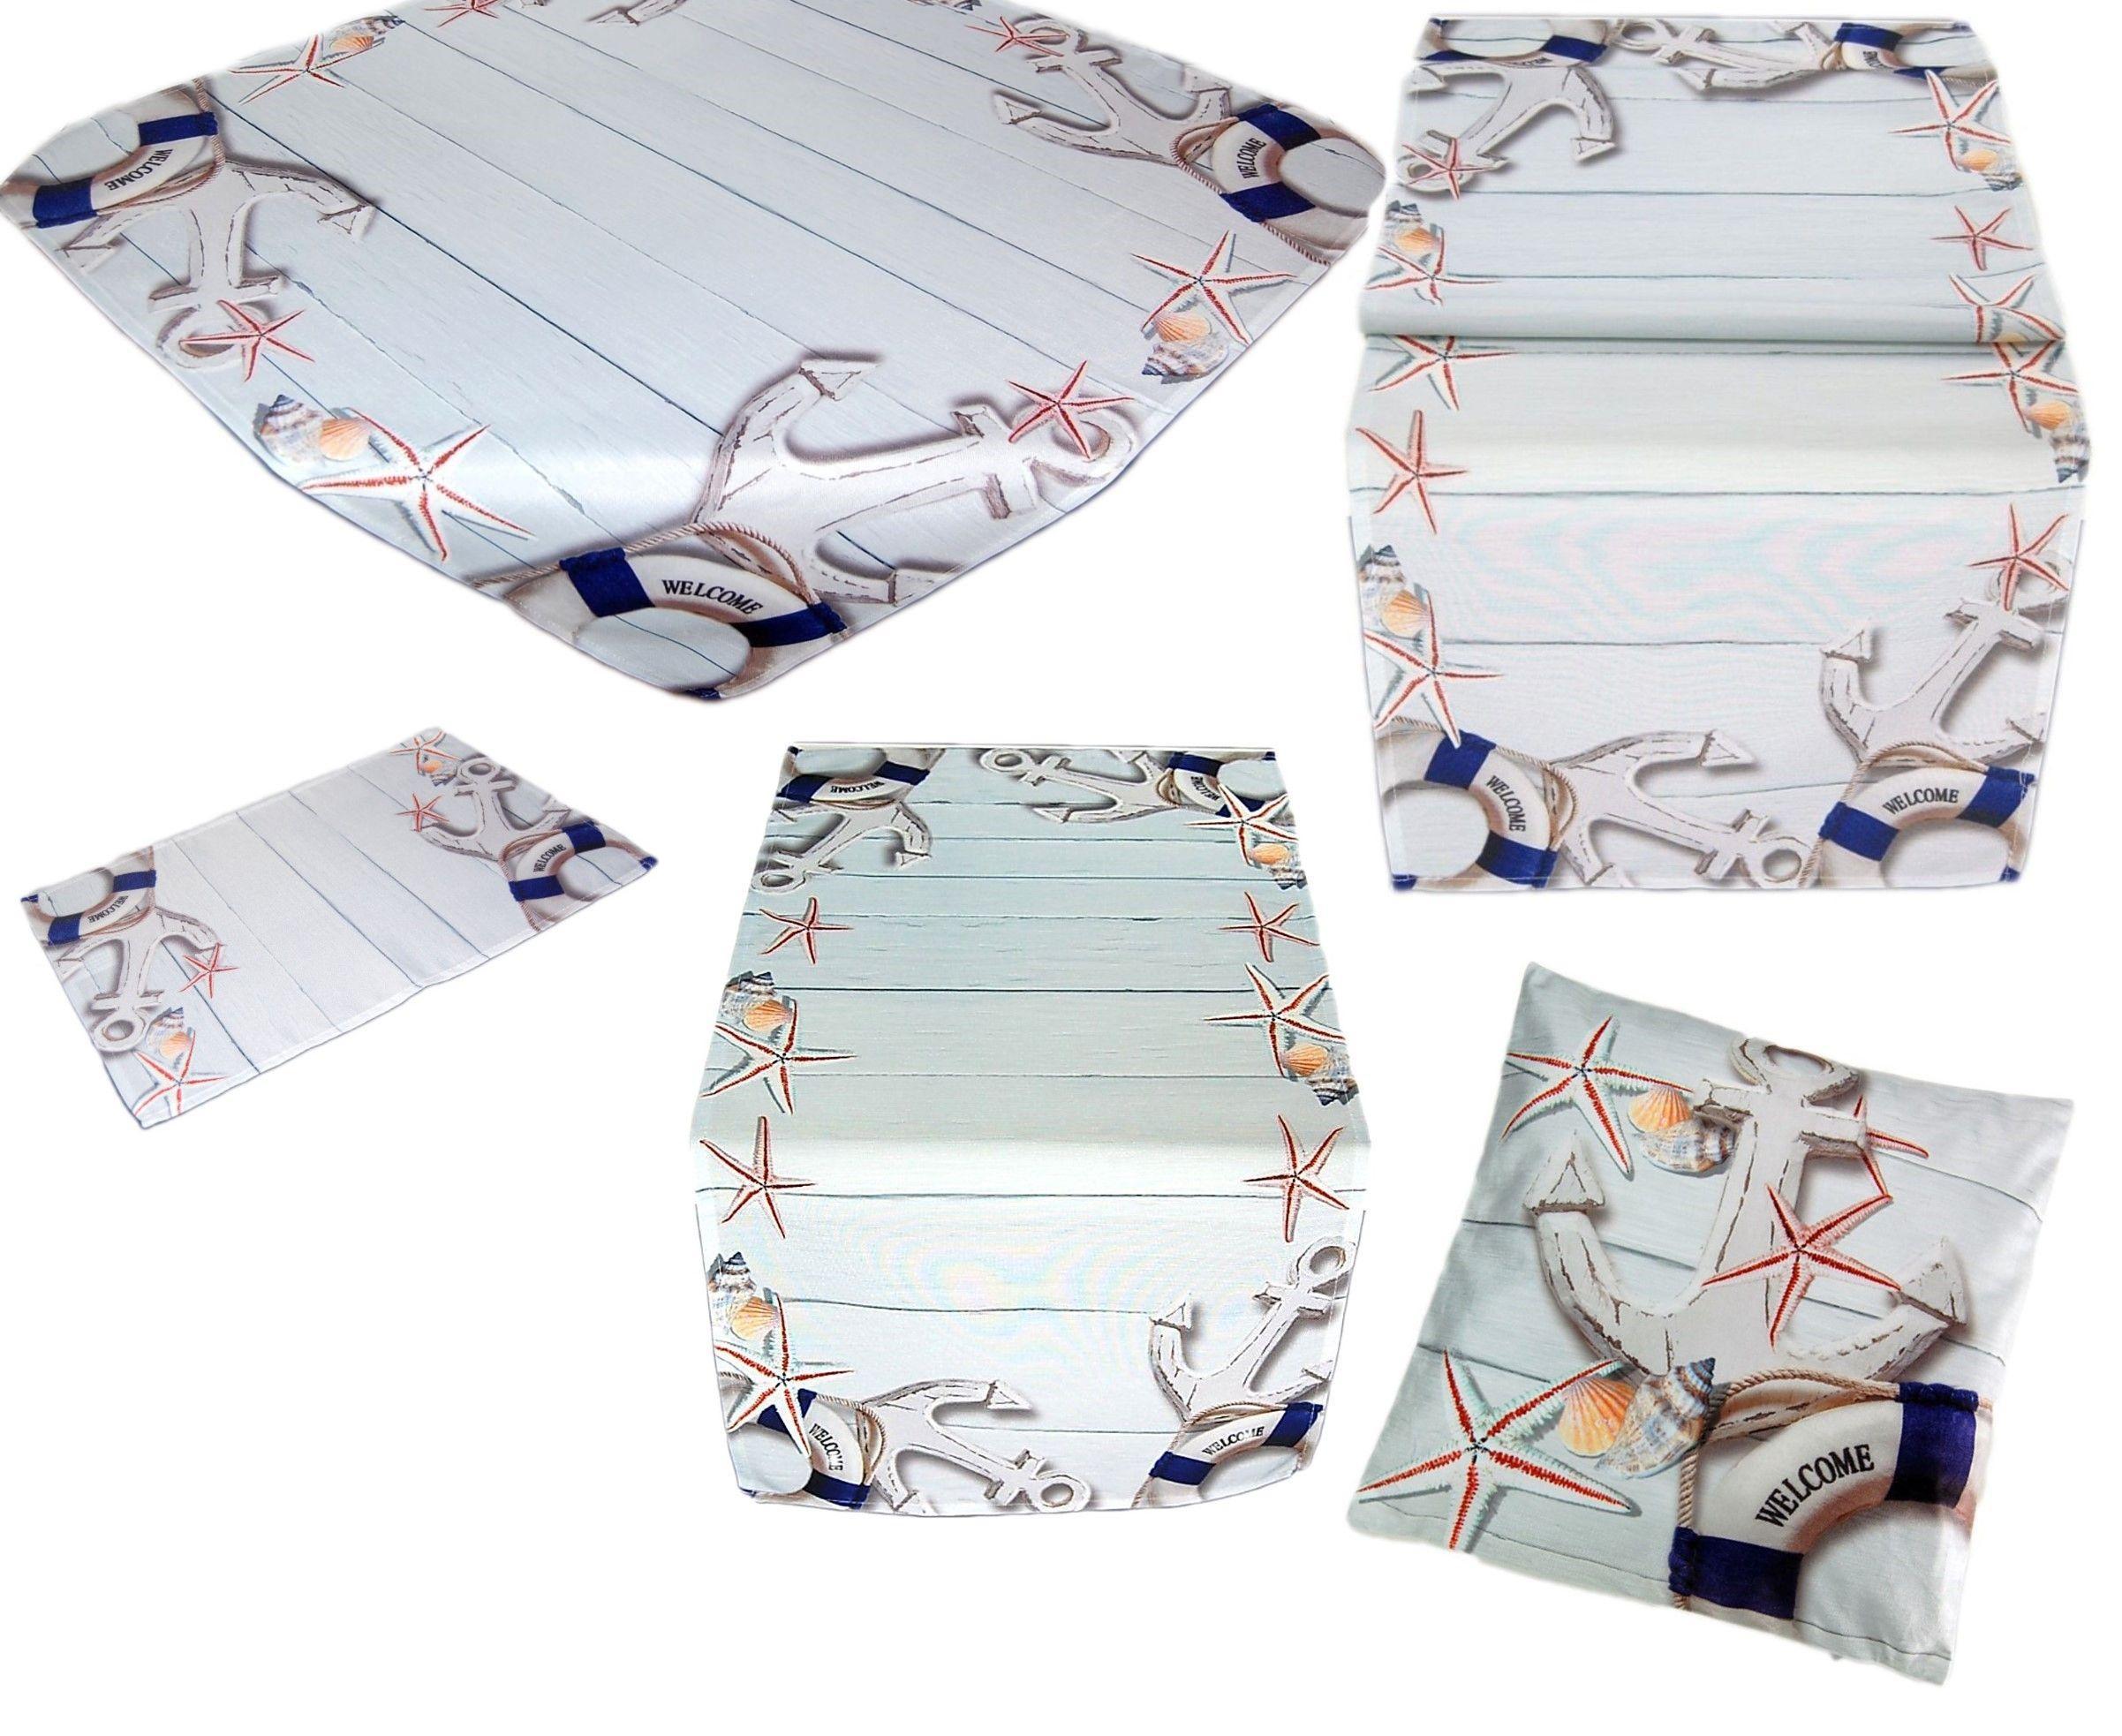 Tischdecke Maritim Tischläufer Mitteldecke Decke Läufer Kissenhülle Anker Kissen